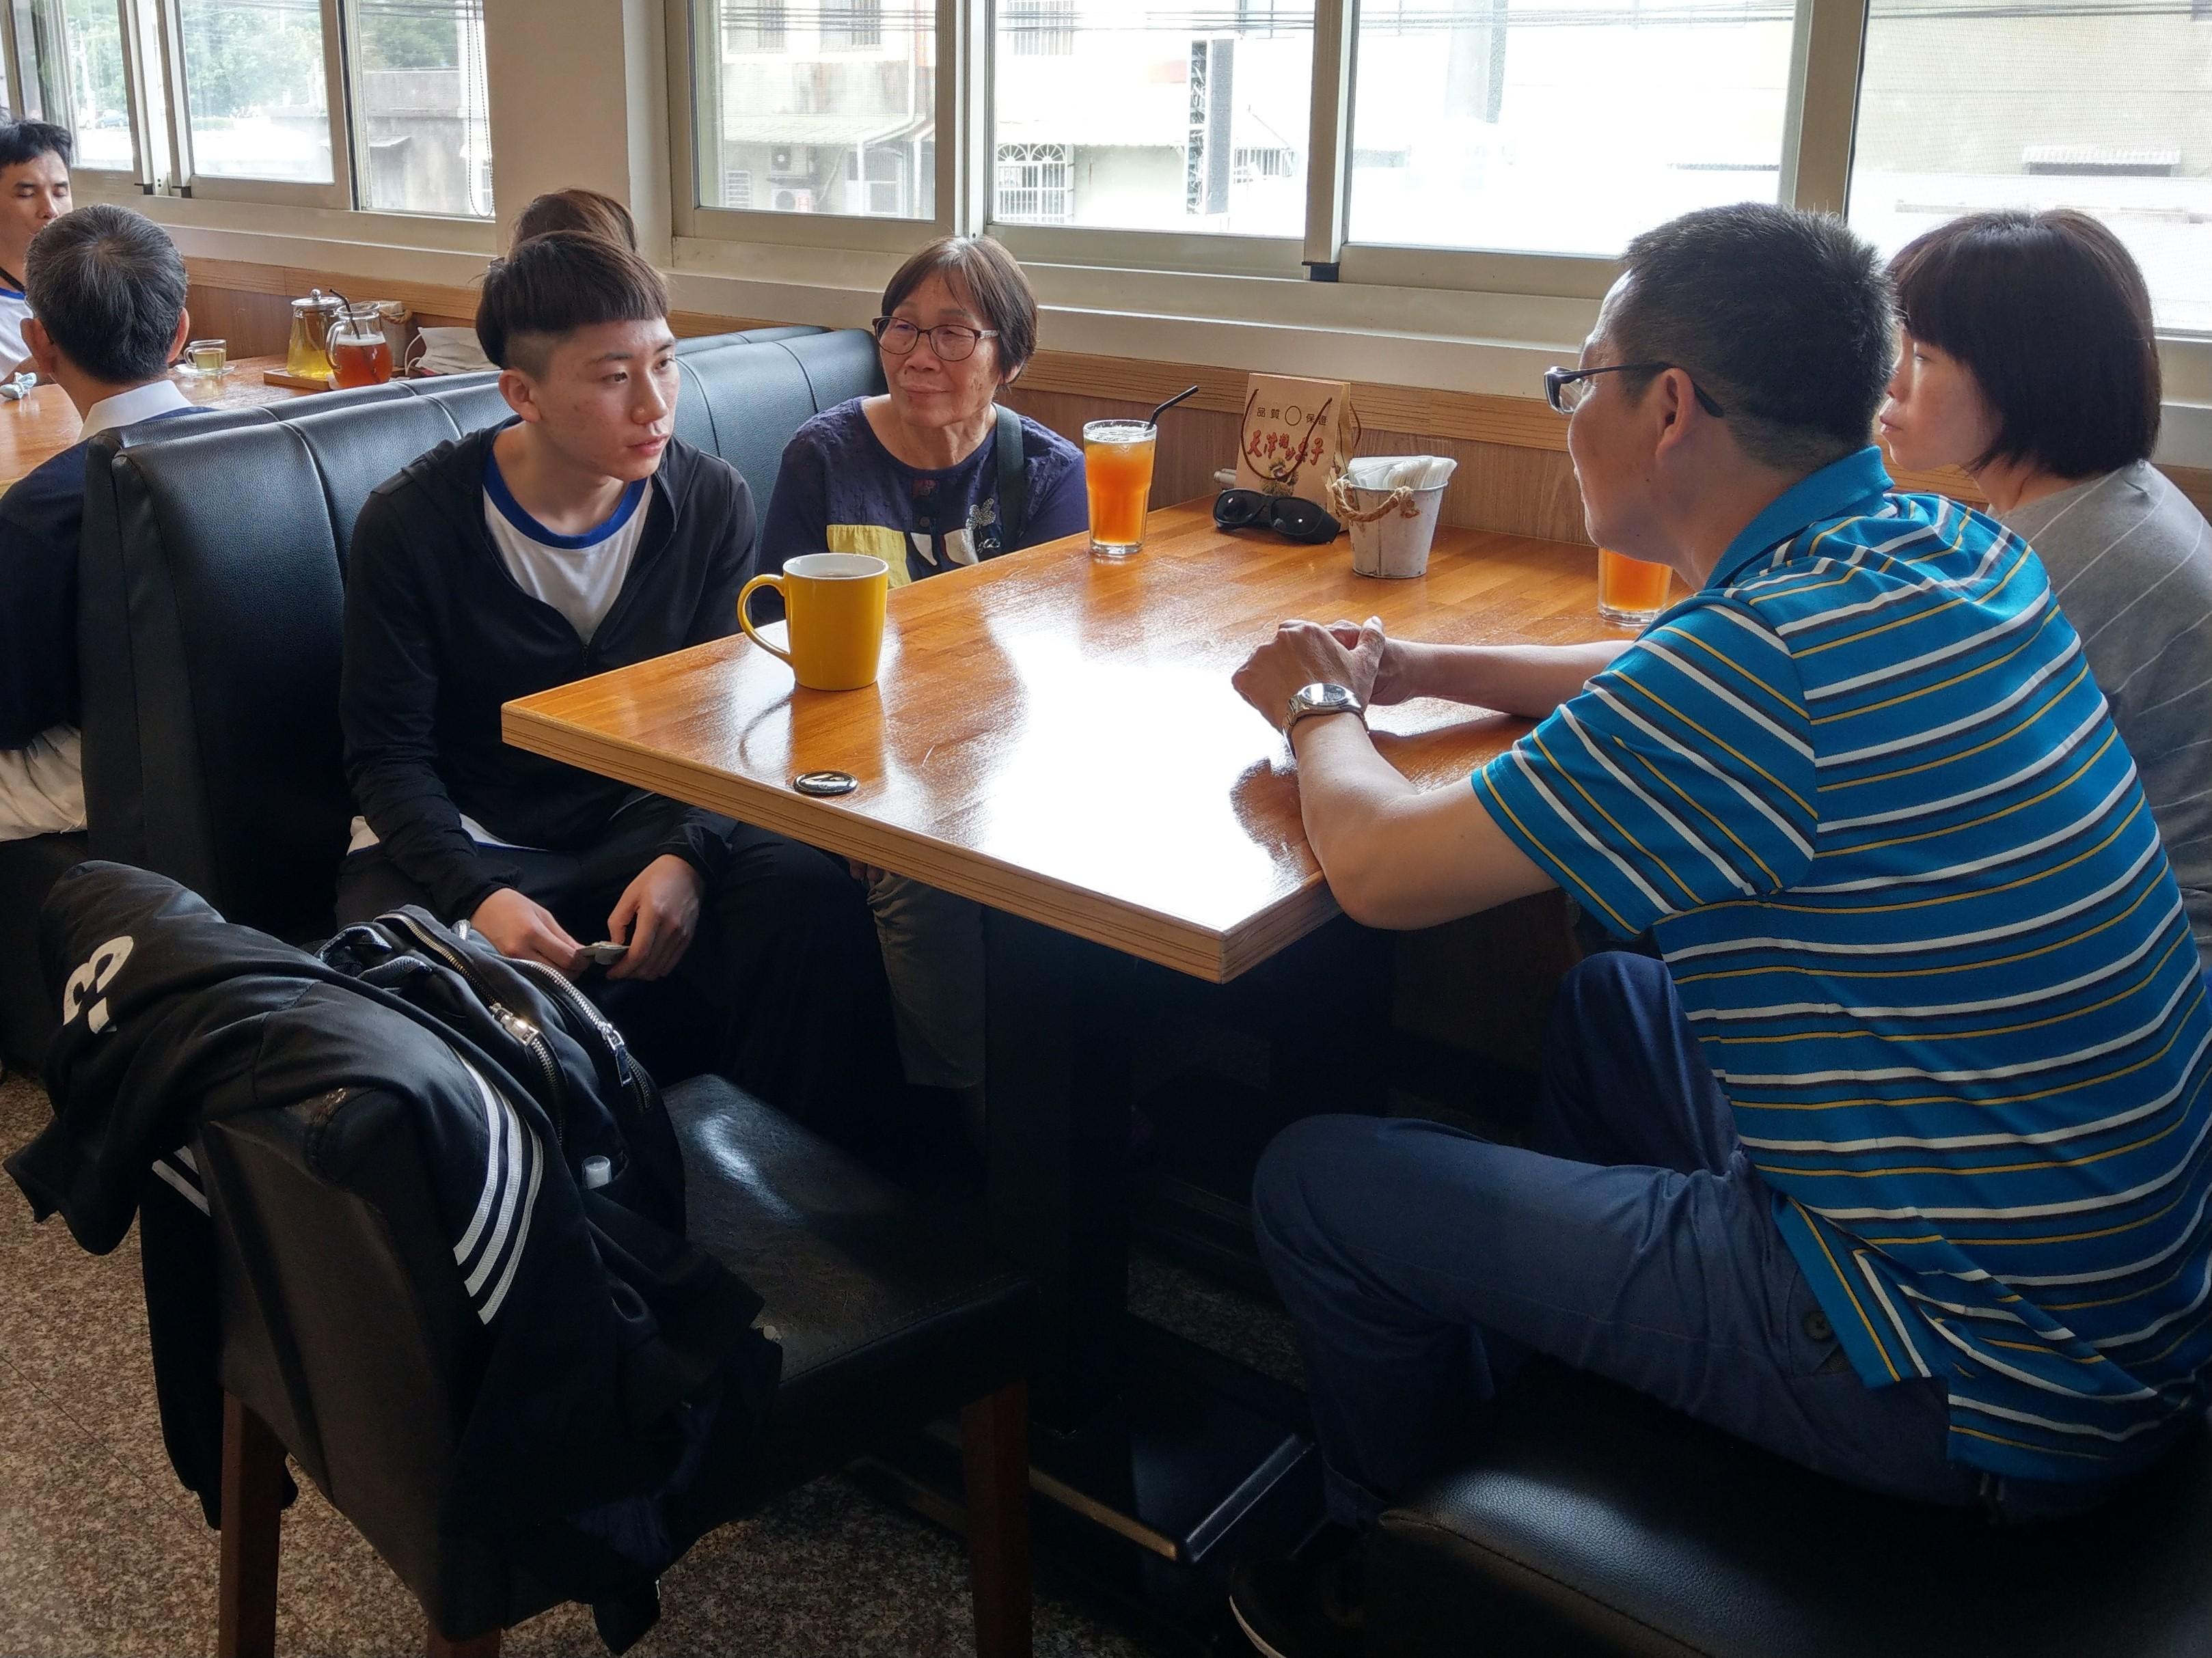 浩浩和家人用餐